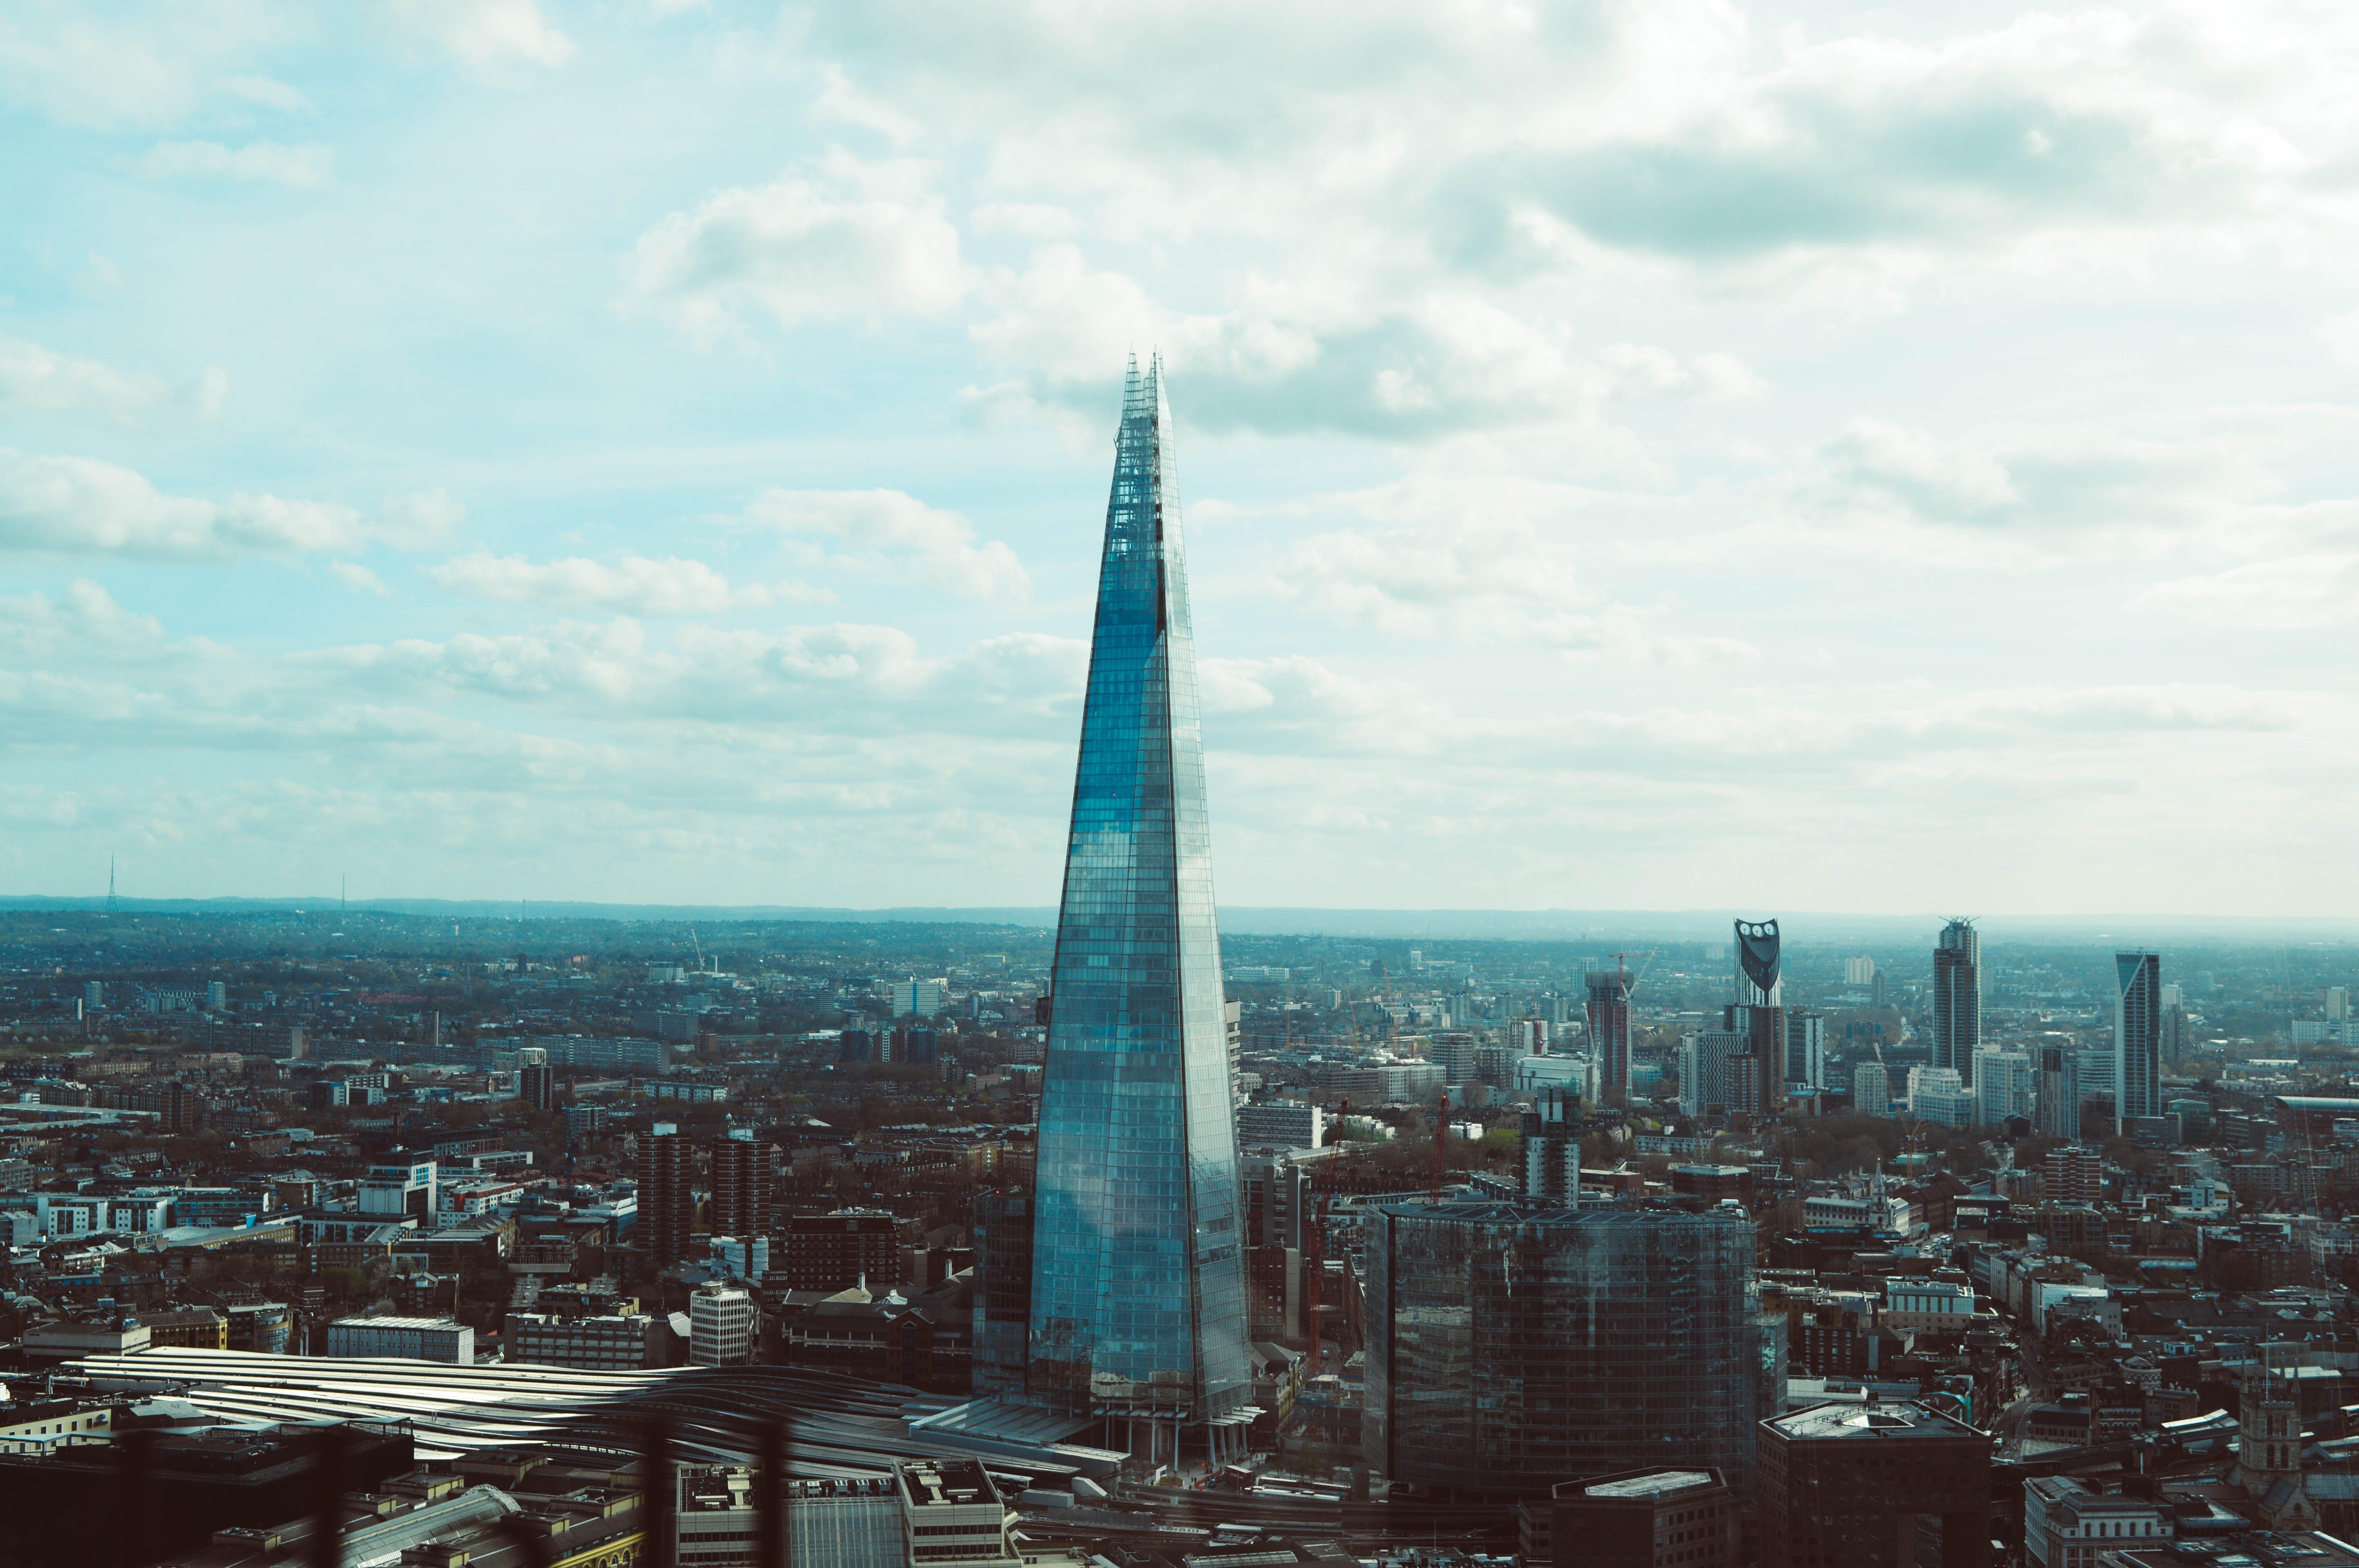 가장 높은, 건물, 건축, 고층 건물의 무료 스톡 사진